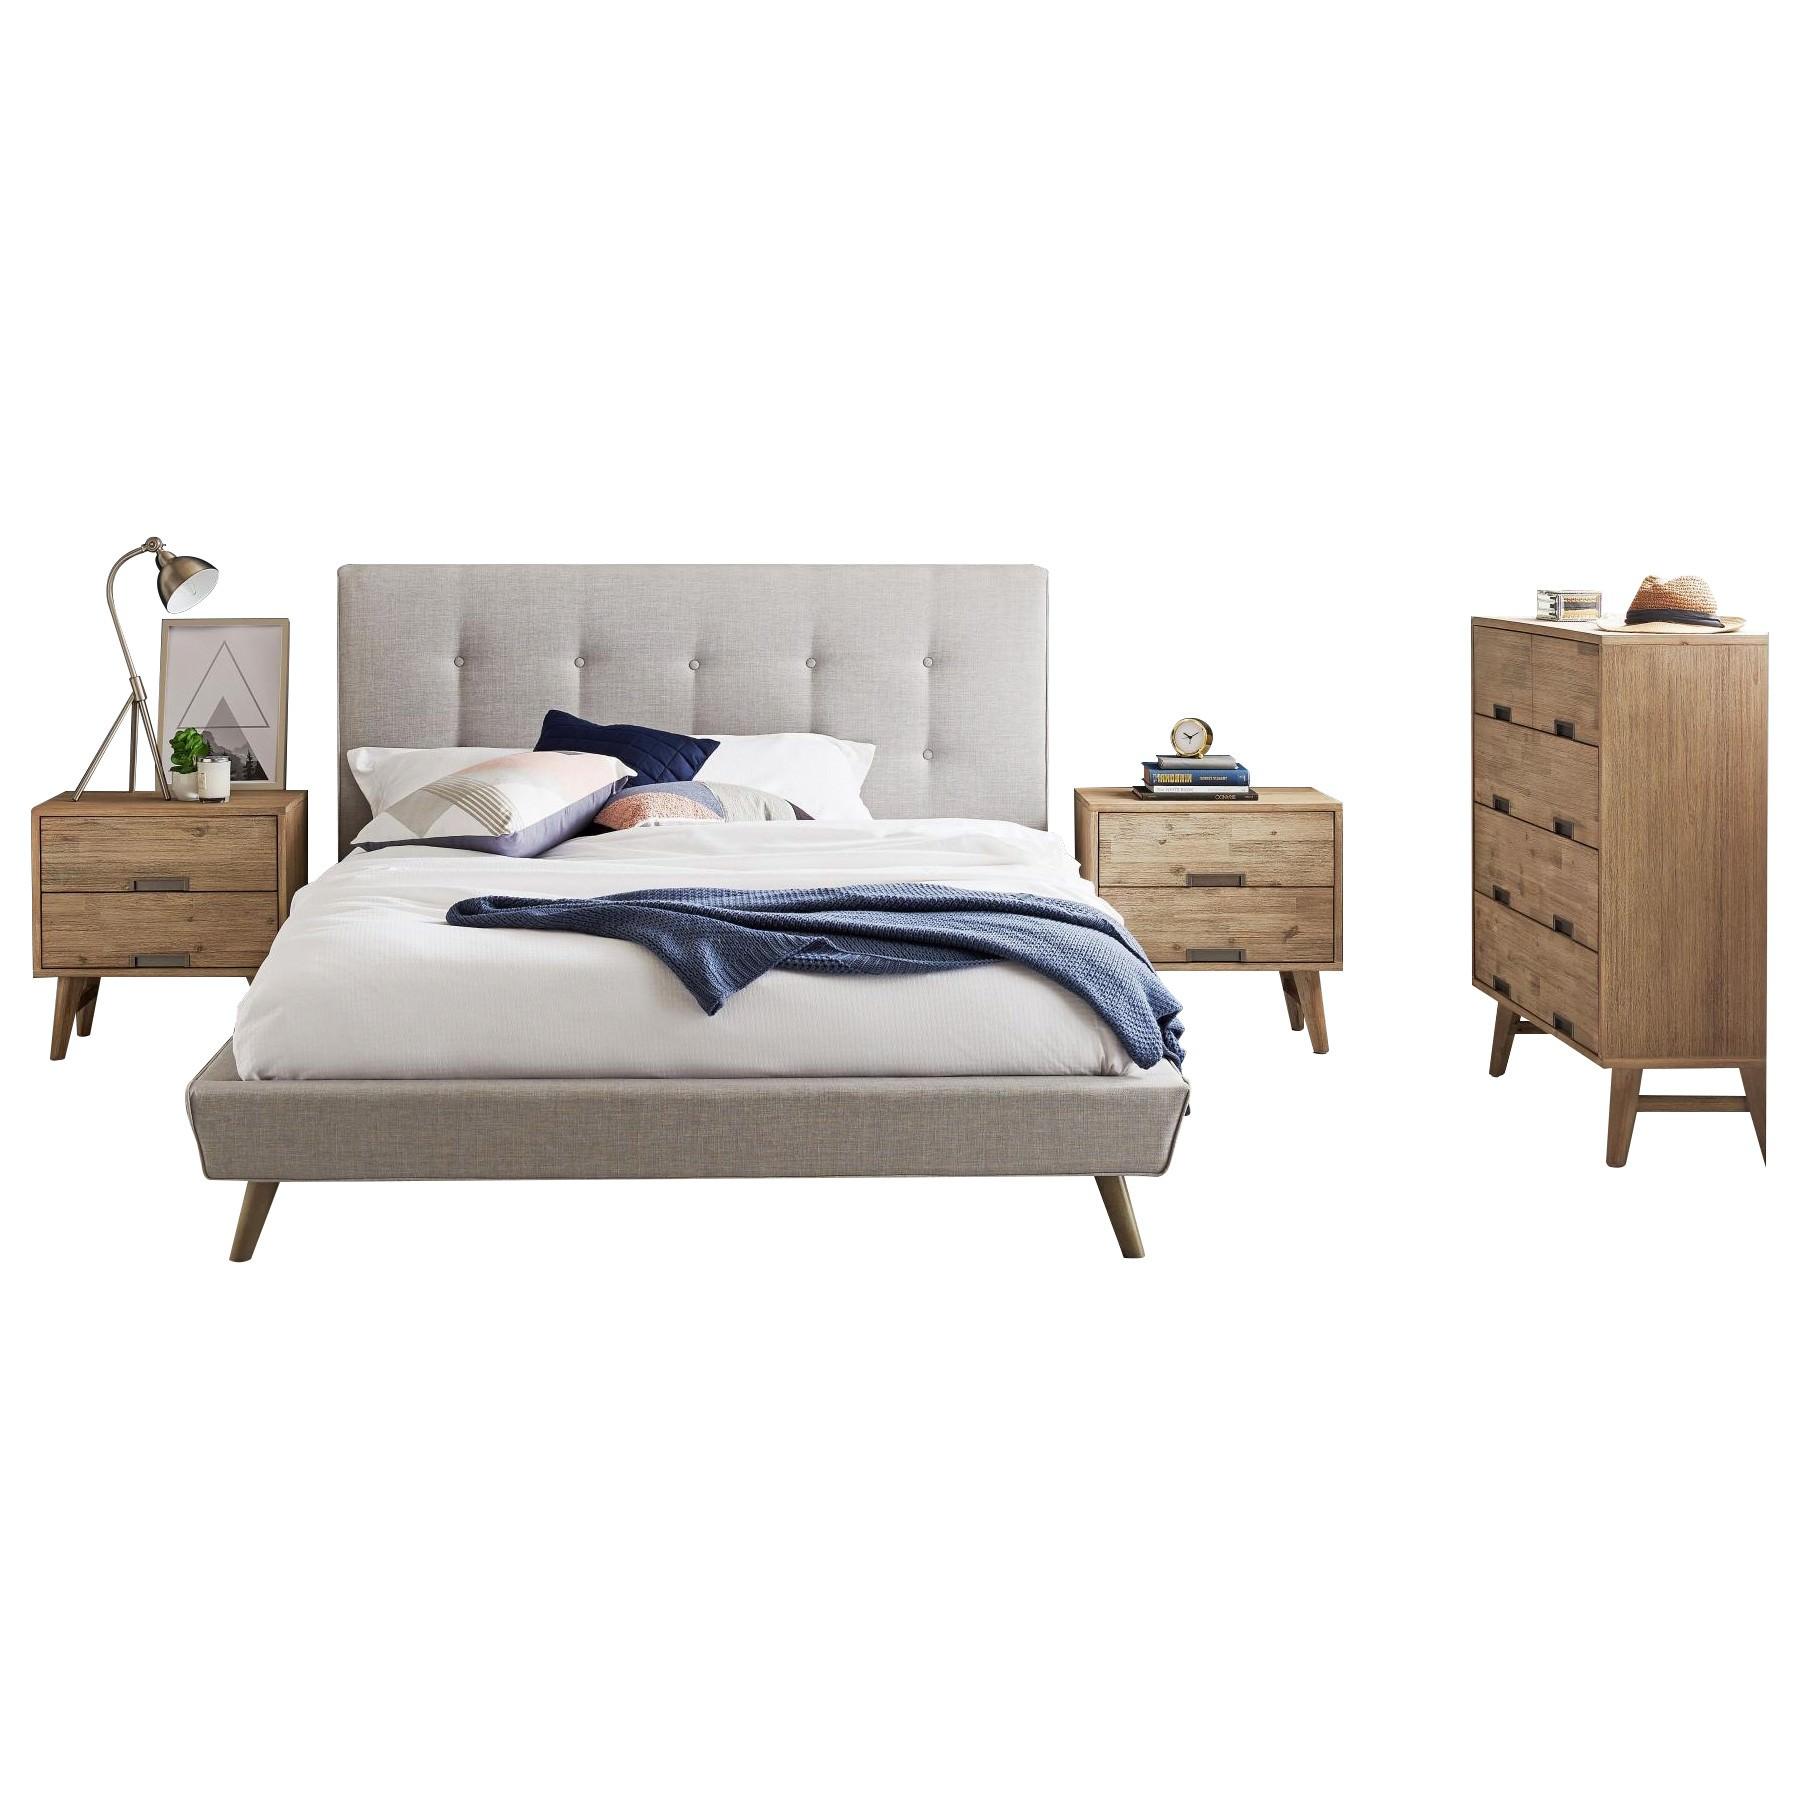 Miya & Telsa 4 Piece Bedroom Tallboy Suite, King